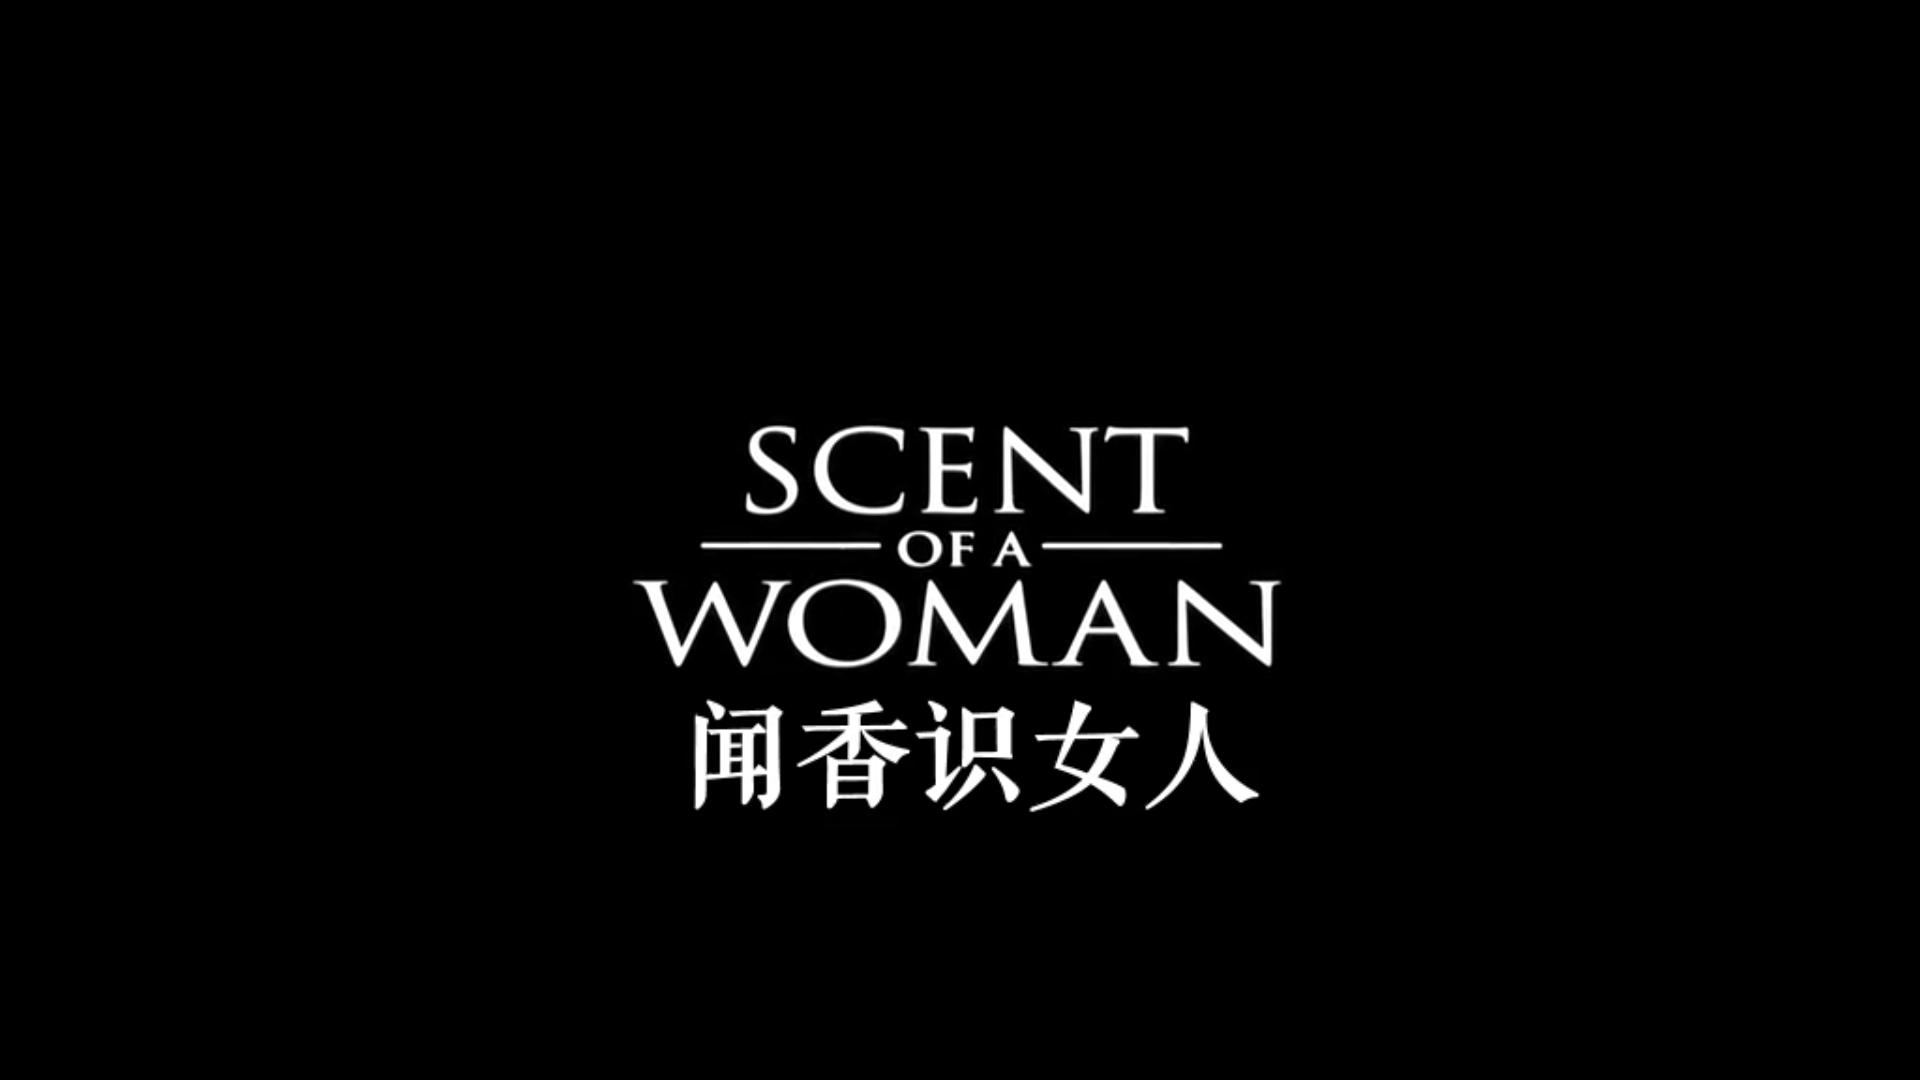 闻香识女人